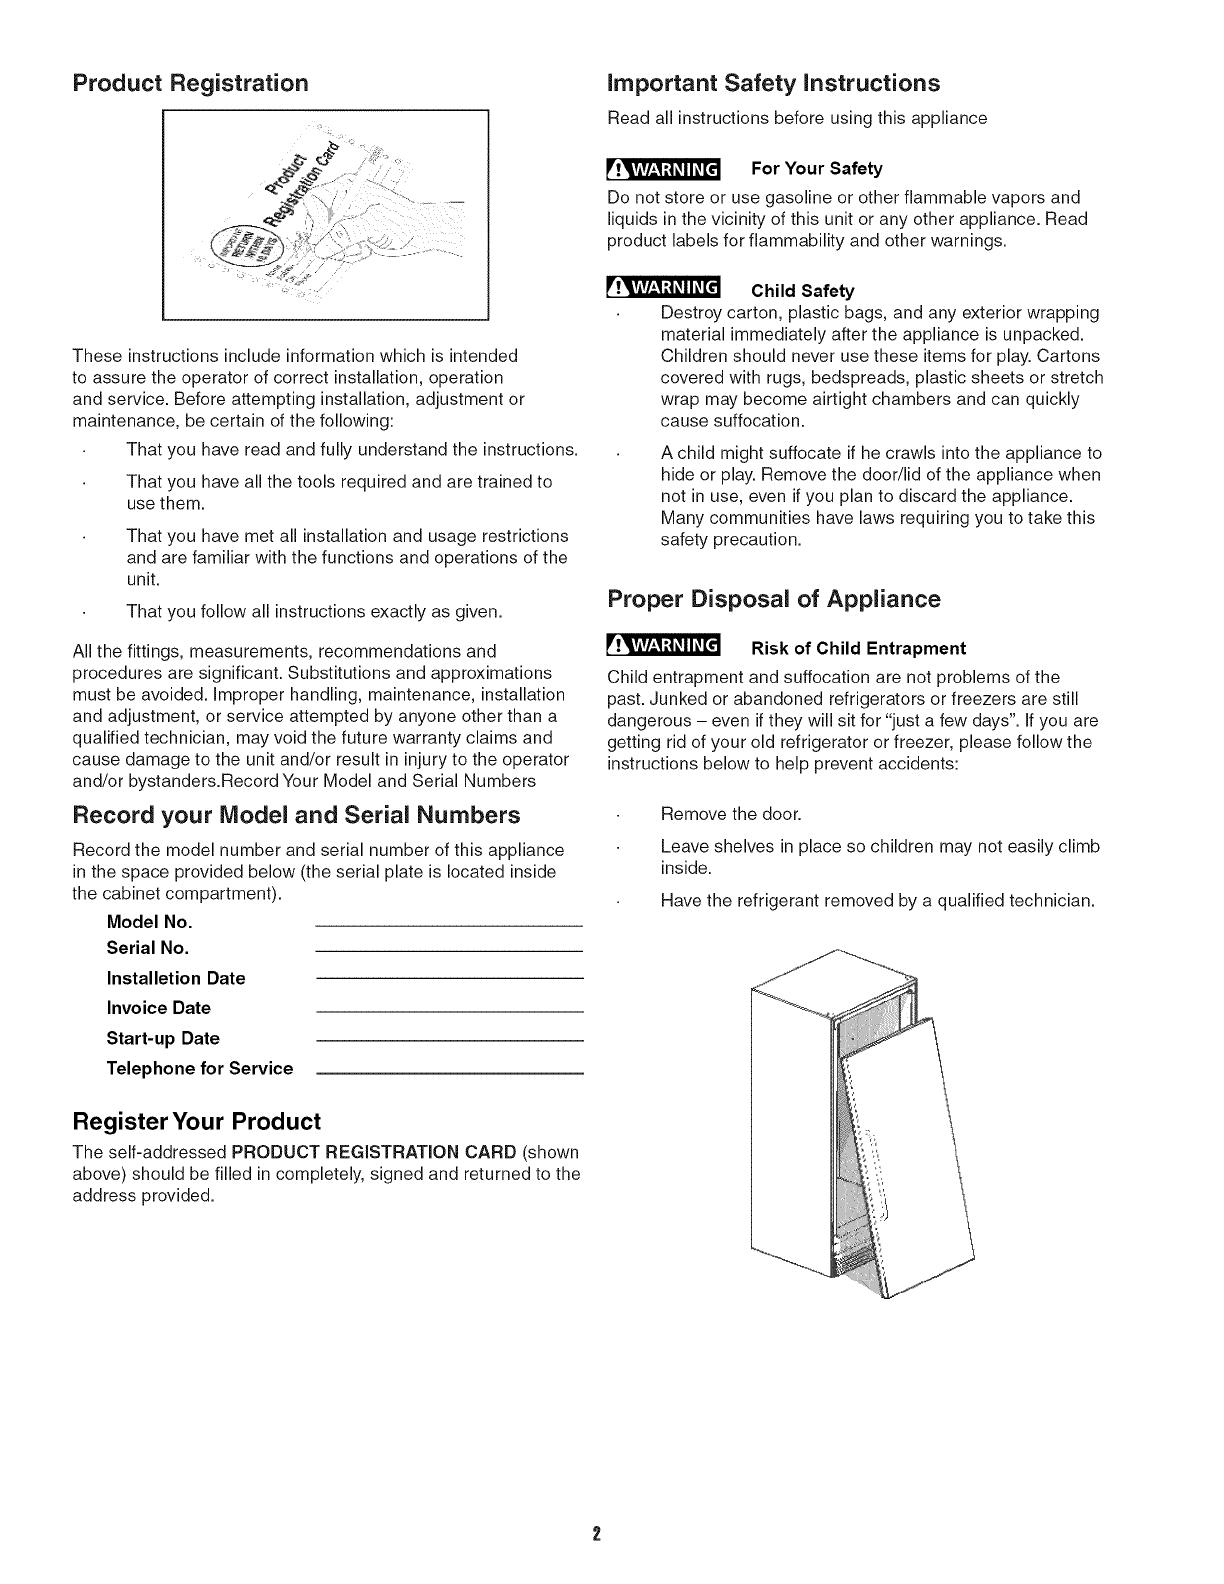 Frigidaire Fcgm201rfb2 User Manual Refrigerator  Freezer